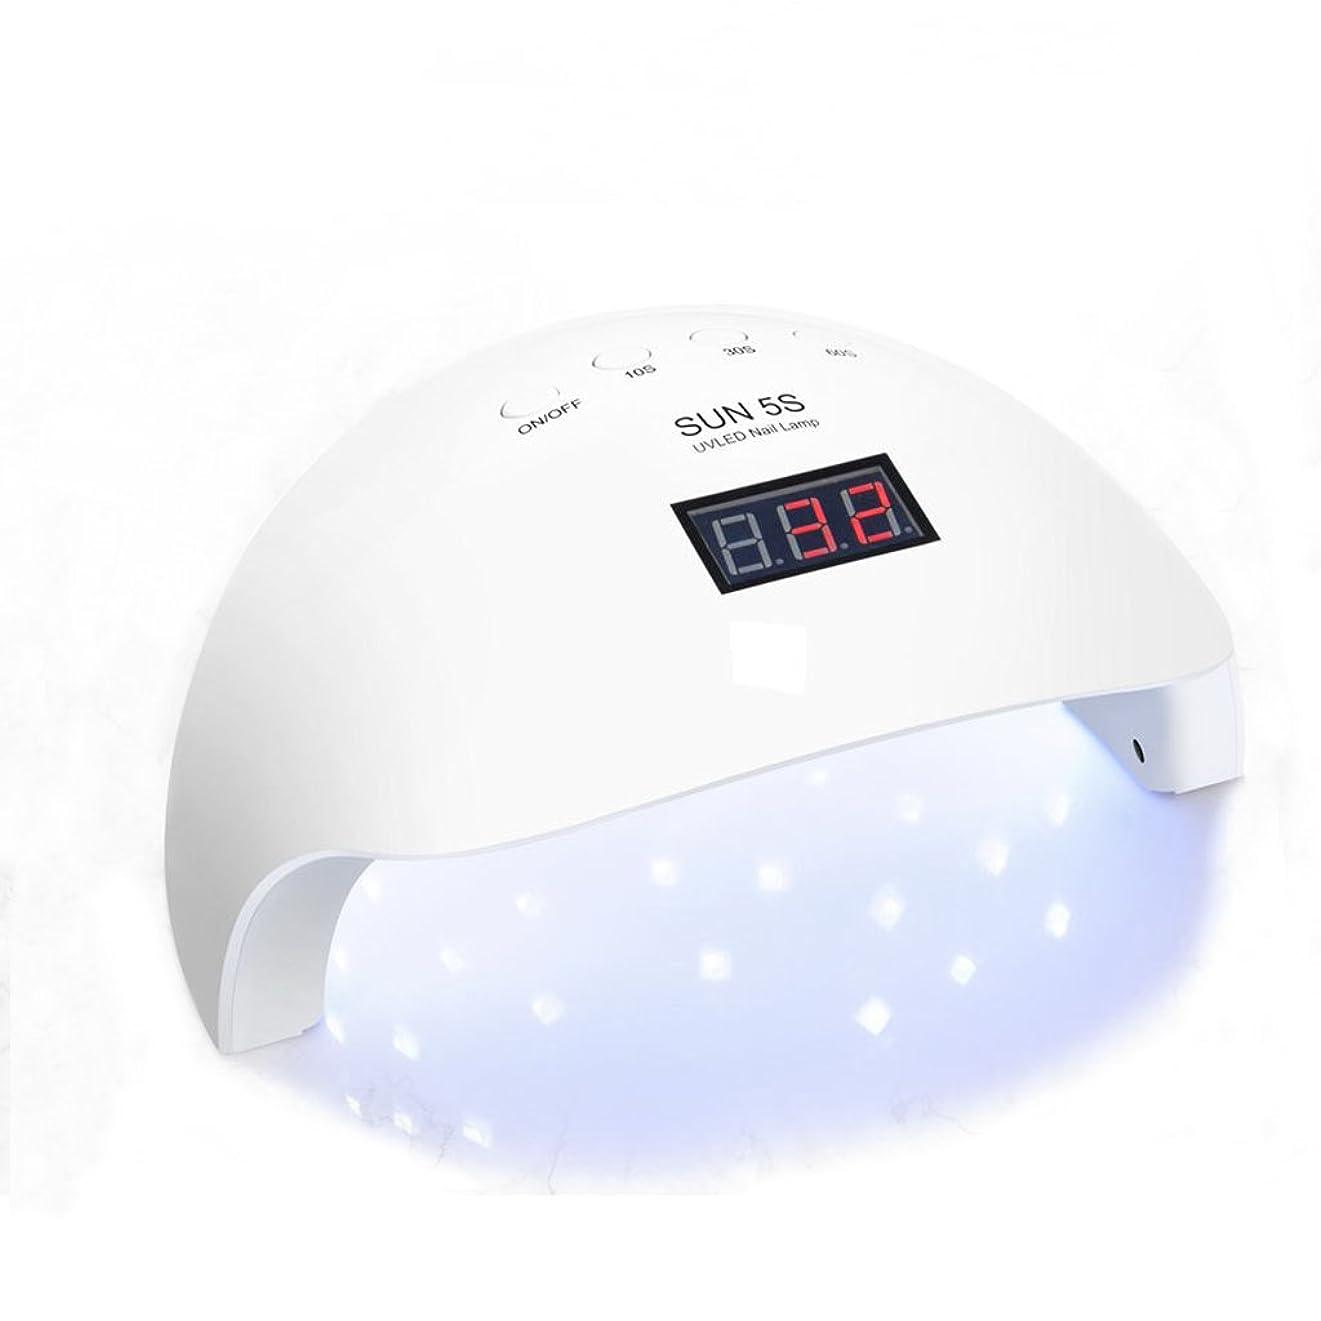 学士岸雄弁な48WネイルランプLED爪と乾燥用の3つのタイマー設定(10秒/ 30秒/ 60秒)のゲルポリッシュ用UVプロフェッショナルネイルドライヤー